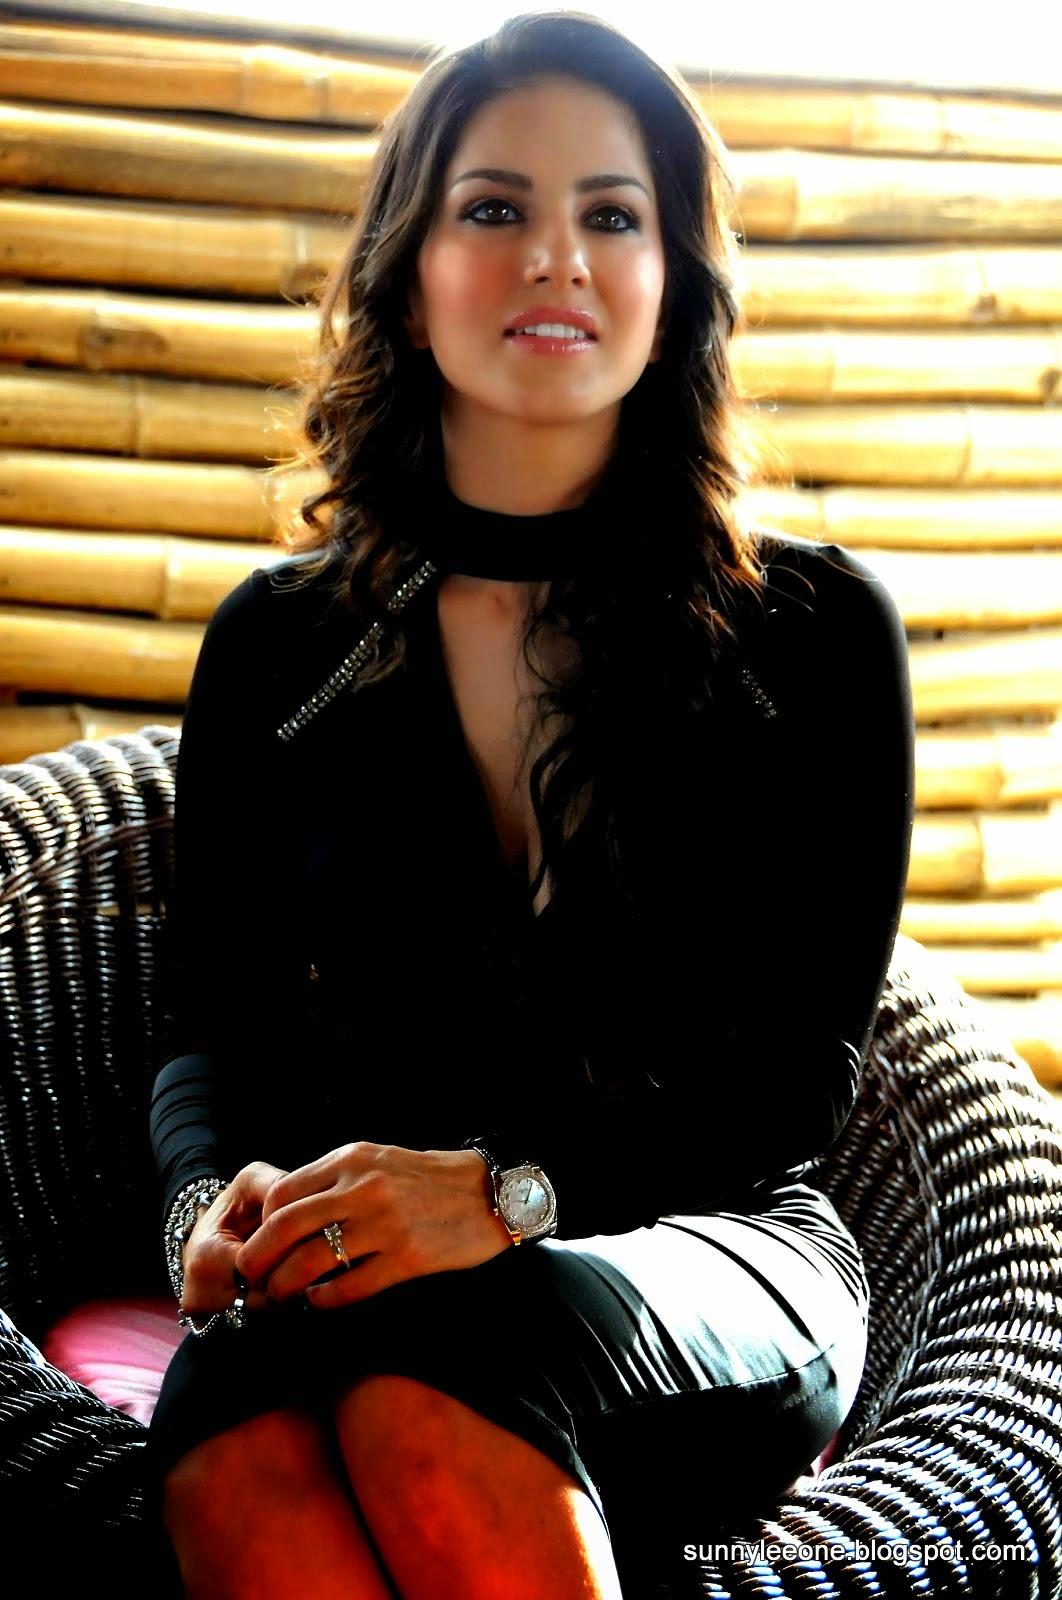 Sunny Leone Super Sexy Sunny Leone Cleavage And Legs Show -4598